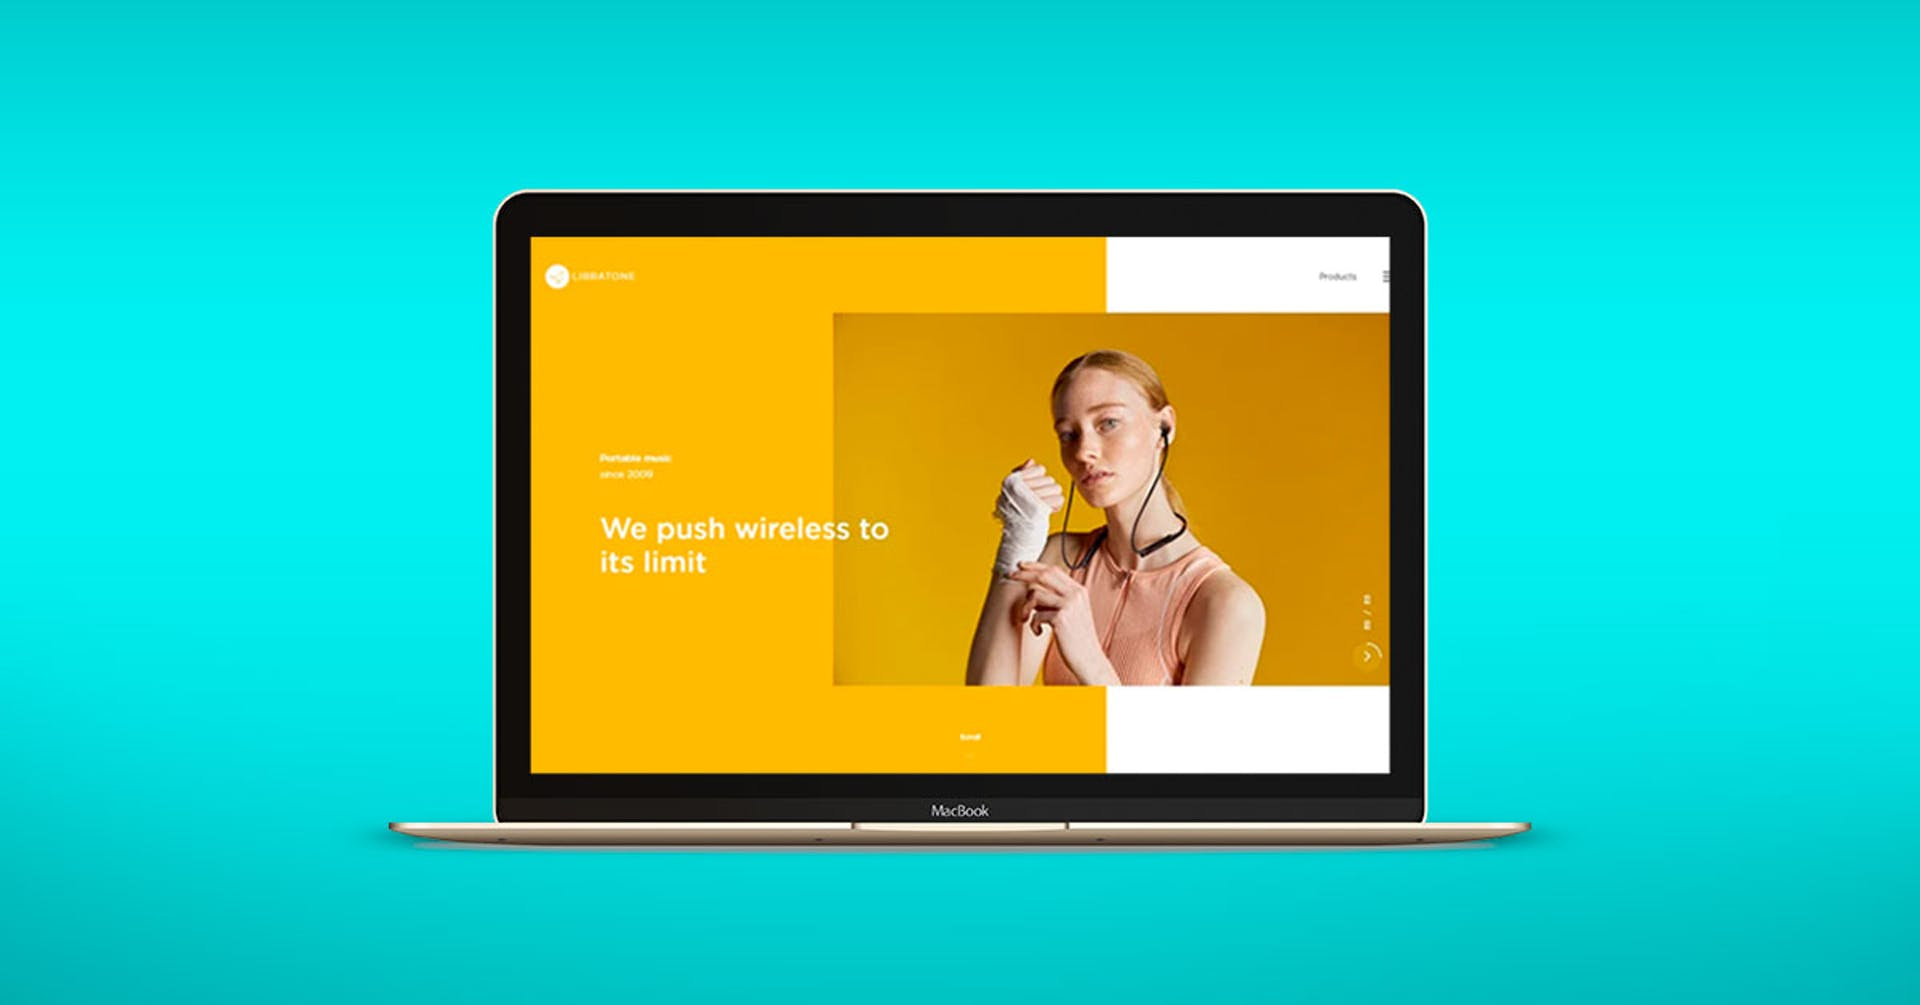 ¿Necesitas una página web? ¡Diséñala tú mismo como todo un experto!